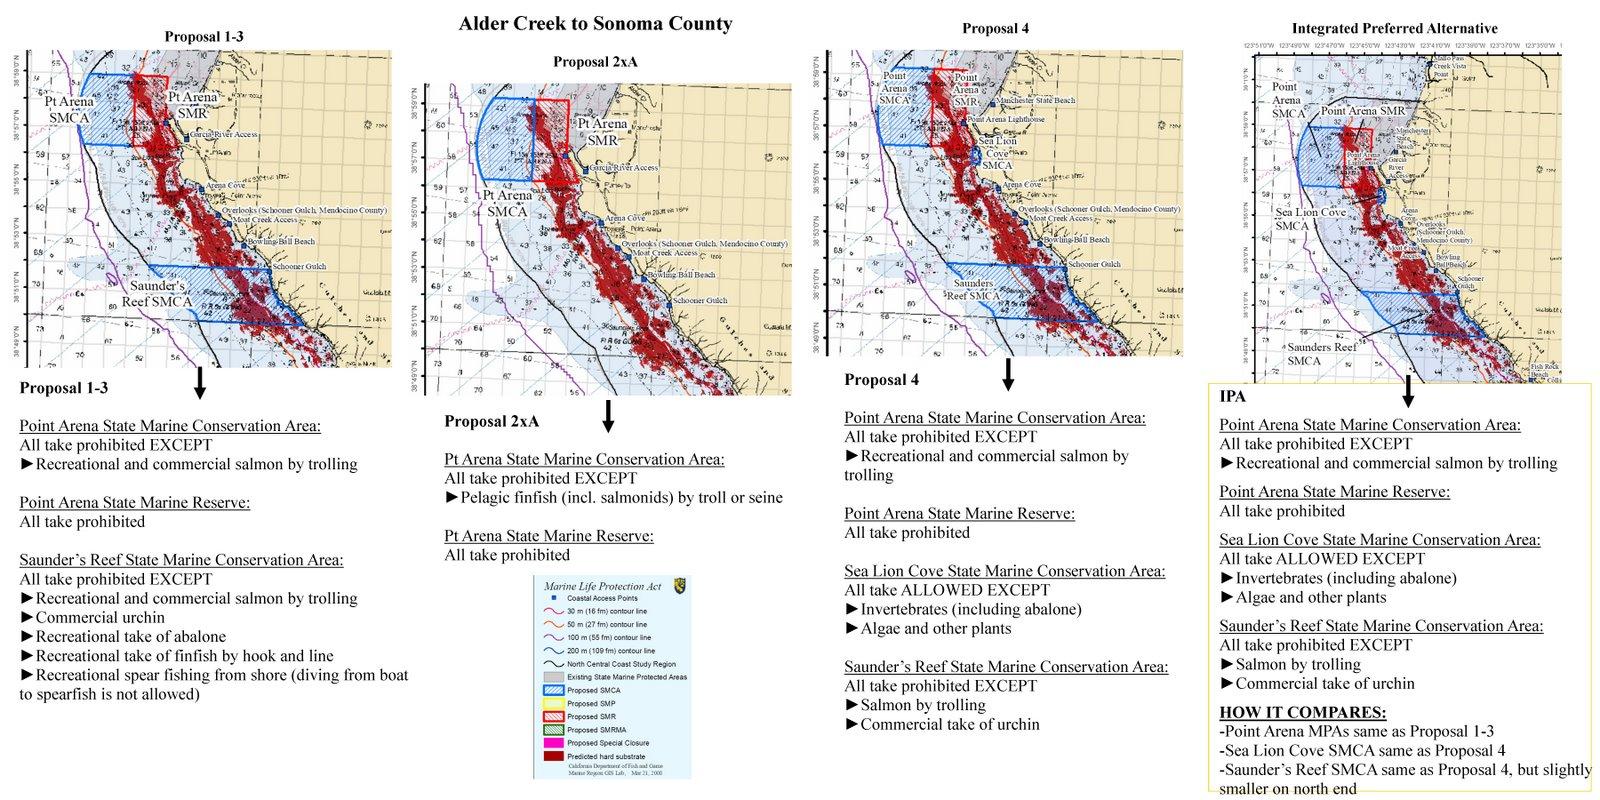 Alder Creek to Sonoma County